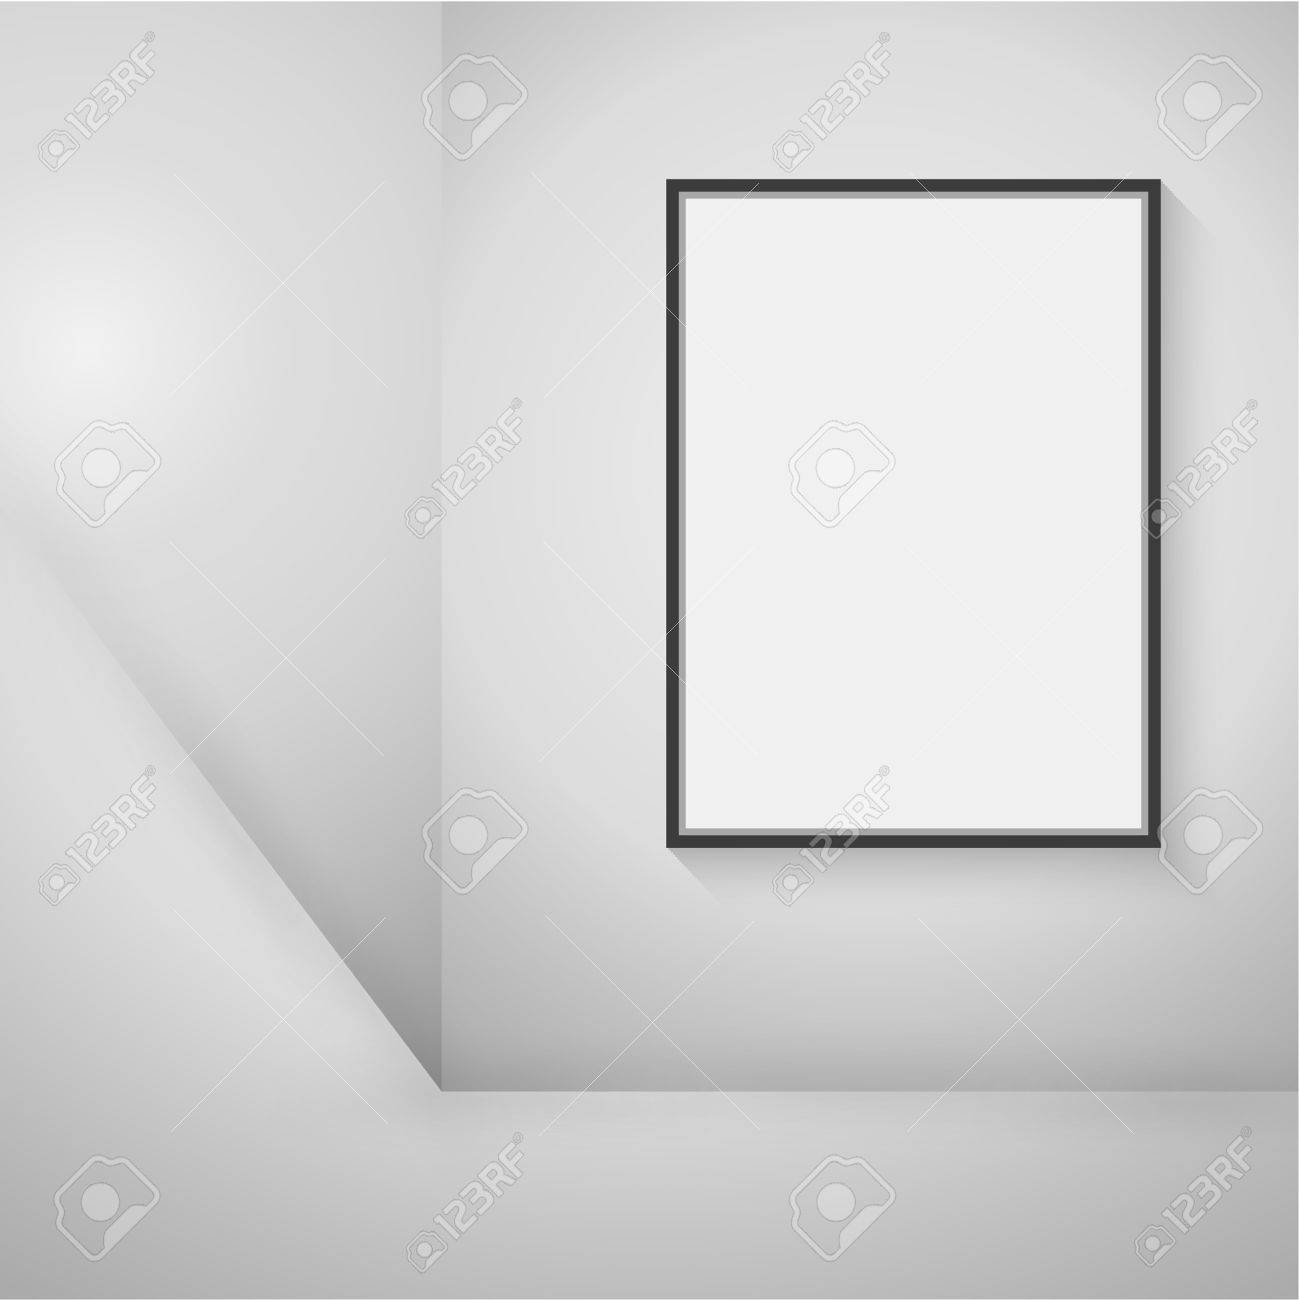 Leere Schwarzen Rahmen Hängen An Der Wand In Den Raum Für Eine ...